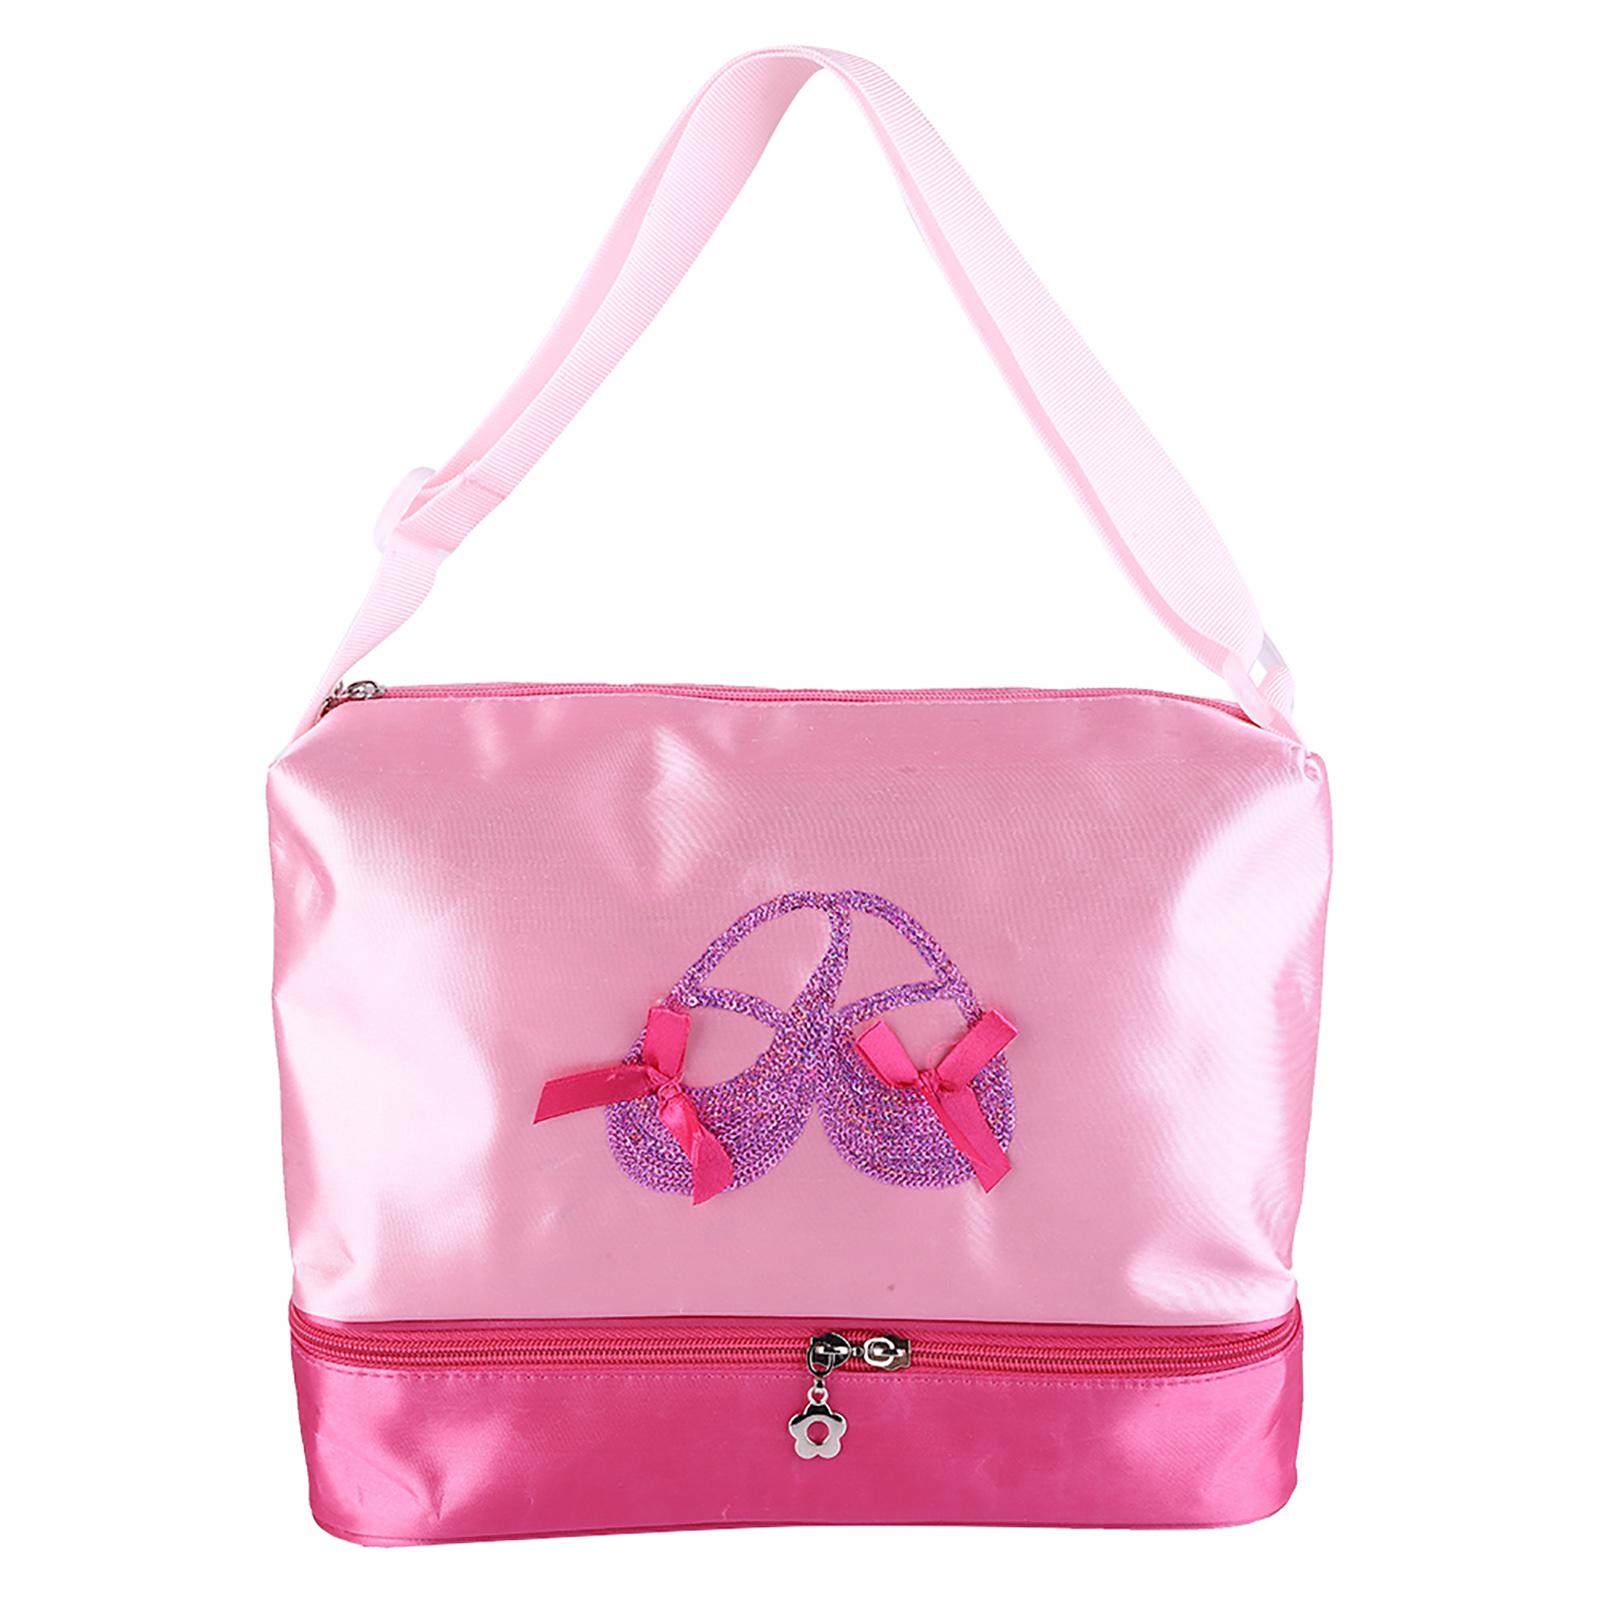 Kids-Girls-Embroidered-Sequined-Handbag-Shoulder-Bag-Tote-For-Sport-Dance-Ballet miniature 20